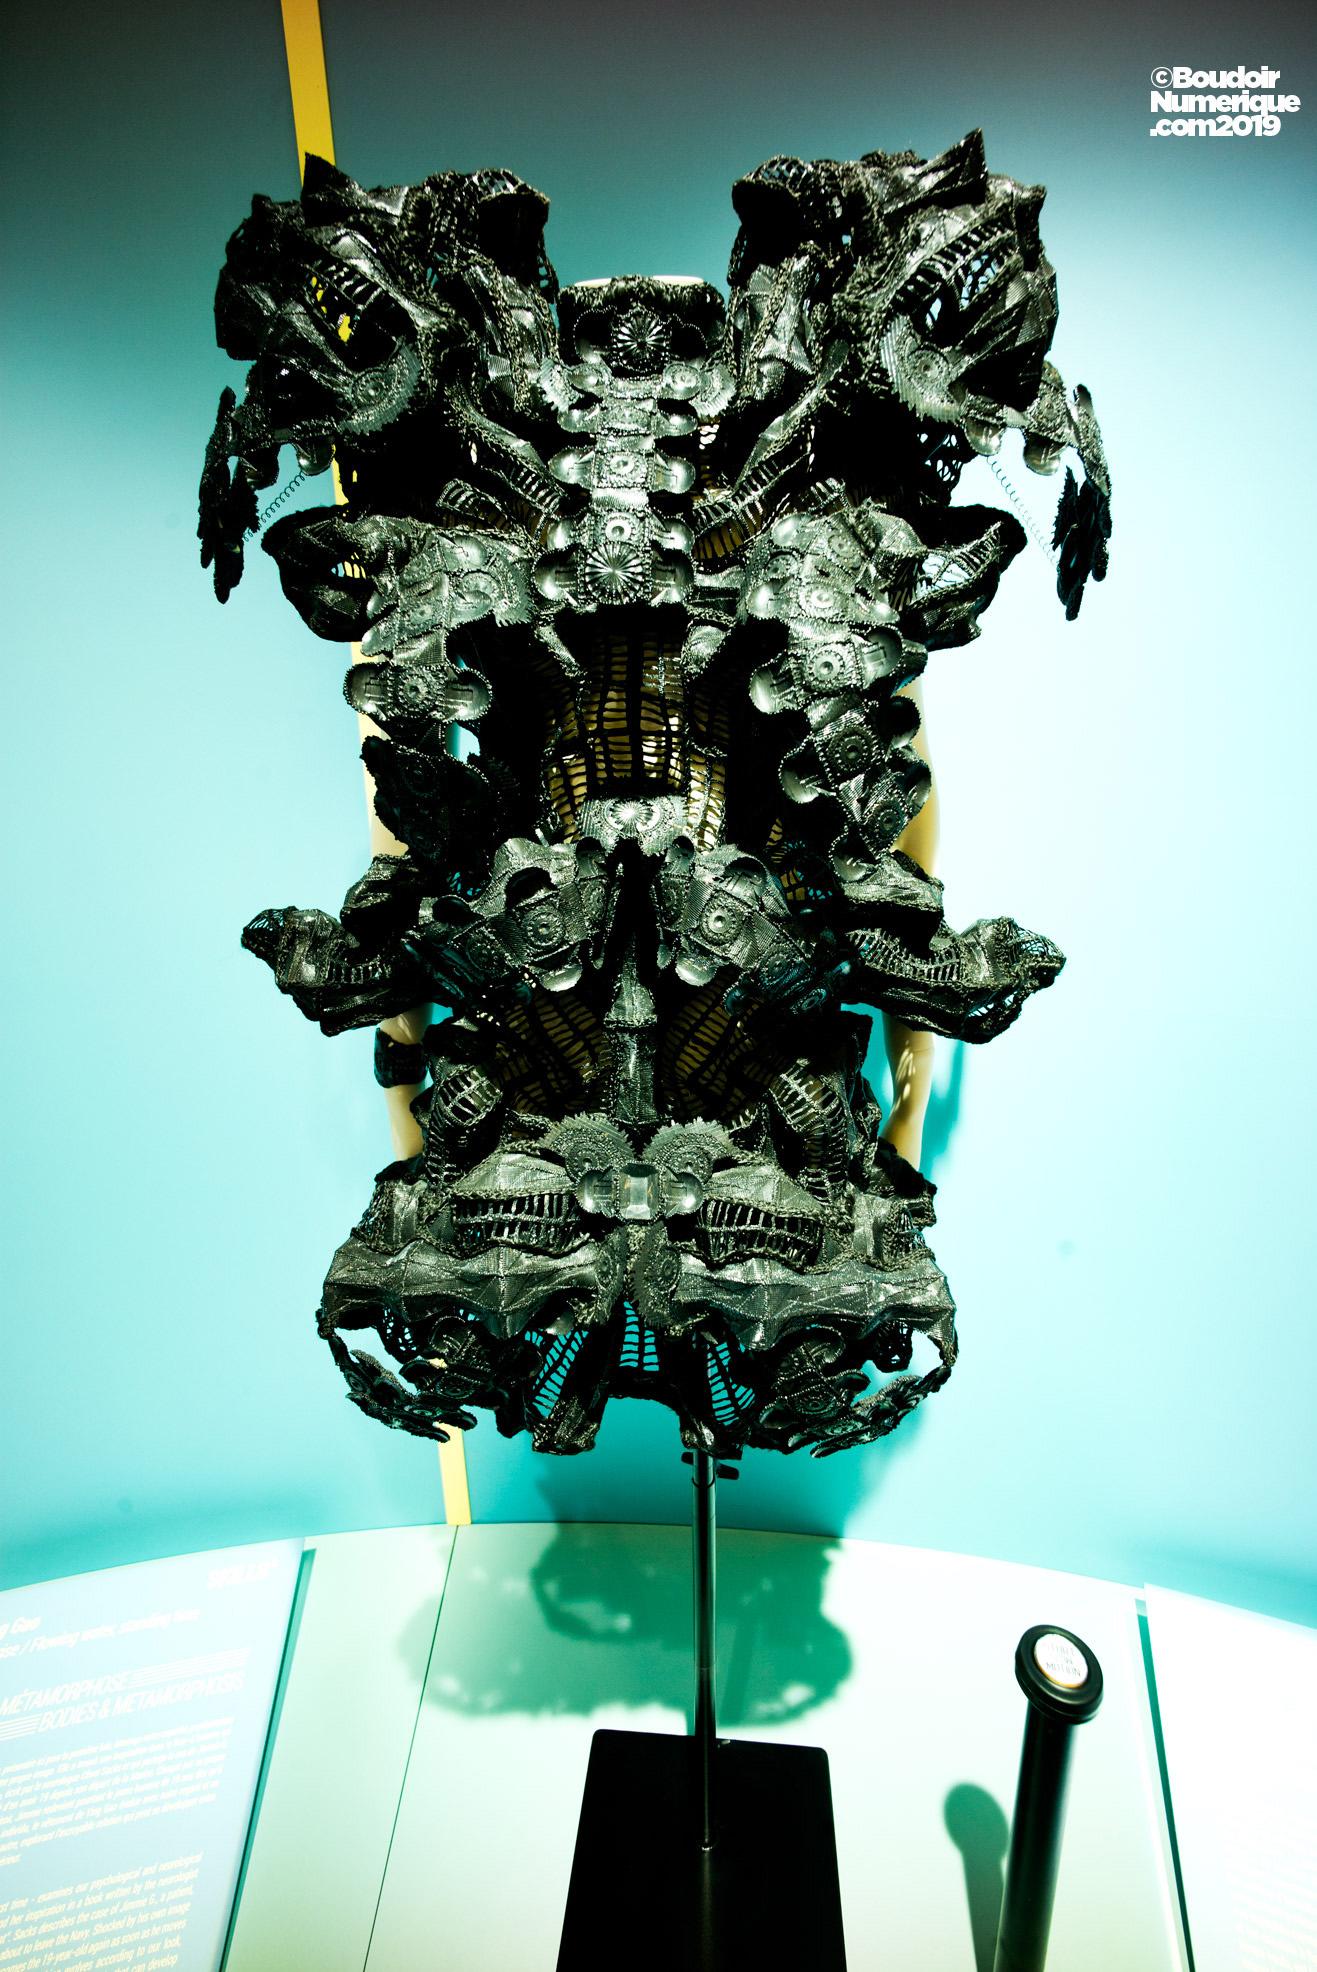 """Robe """"Suspended Animation"""" de la designer hollandaise Maartje Dijkstra, créée en 2019, en collaboration avec DJ Newk. La tenue évolue dans un mouvement extrêmement lent, avant de revenir à sa position originale, et cela afin de pousser à la réflexion sur l'hyper accélération de notre société technologique."""